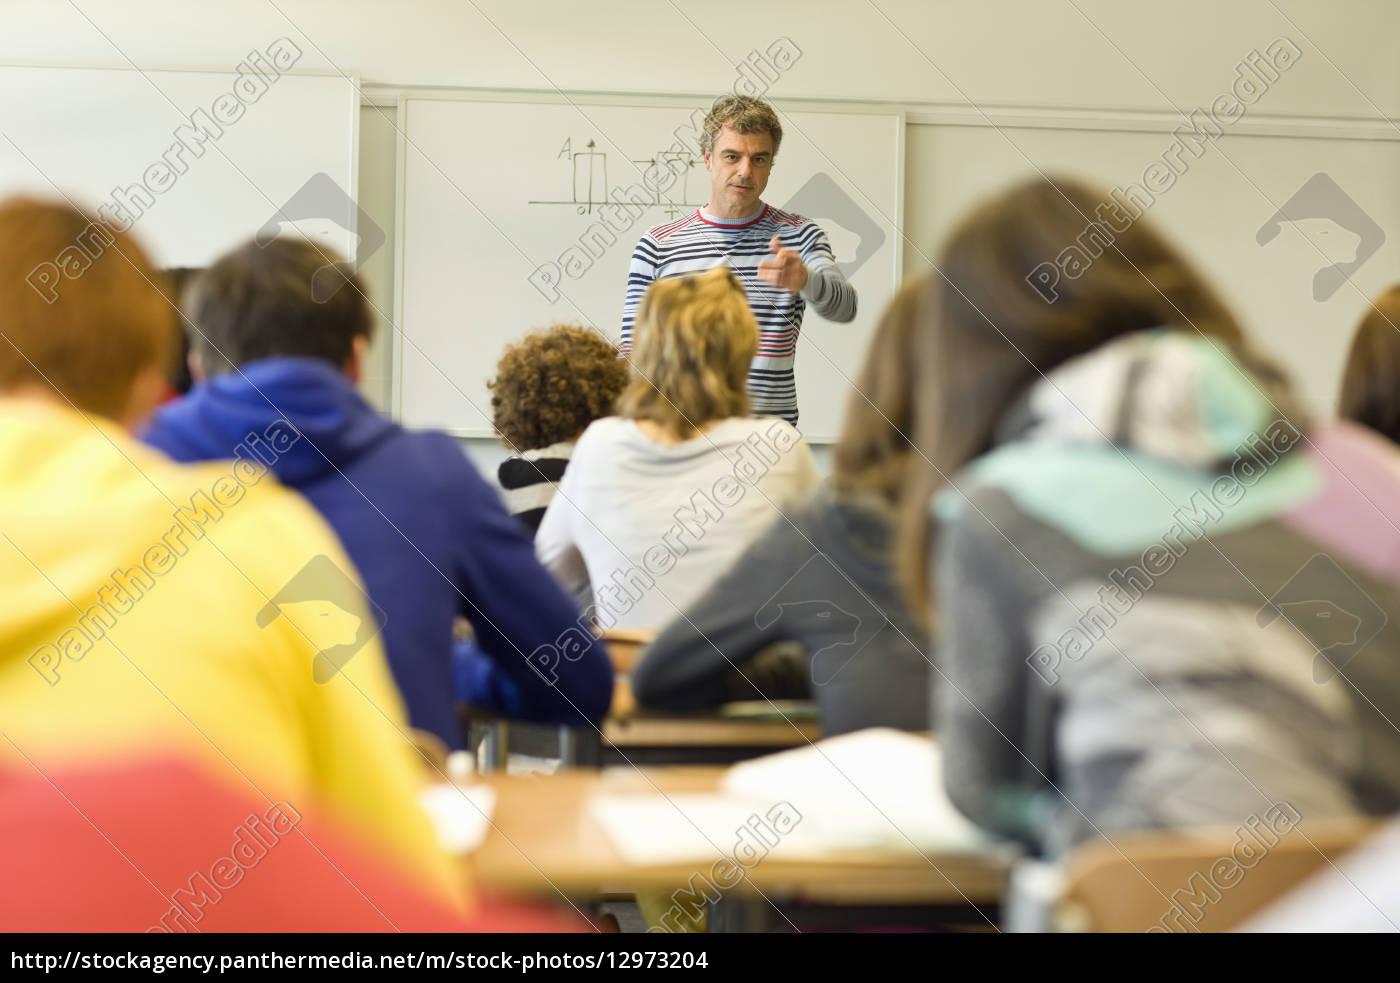 rückansicht, des, klassenzimmers, voller, schüler, und - 12973204